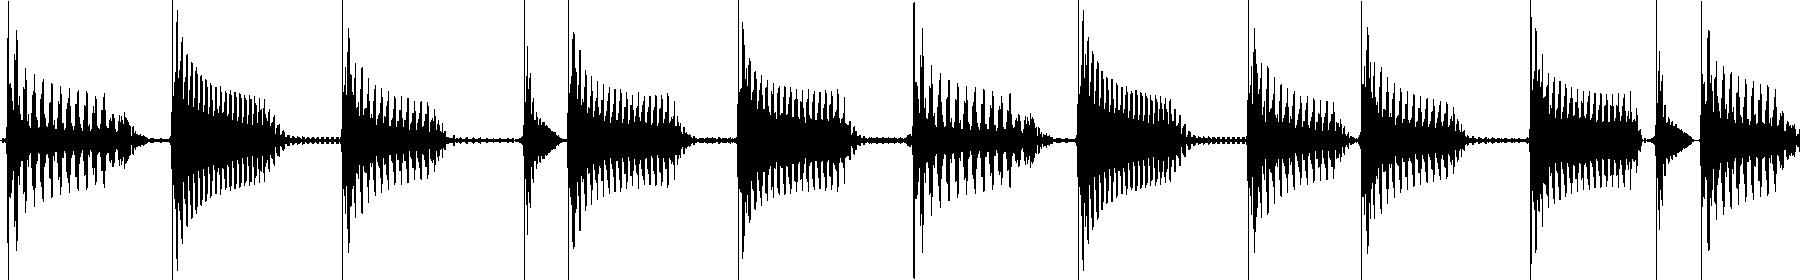 ehp bassloop 127 livepalm a